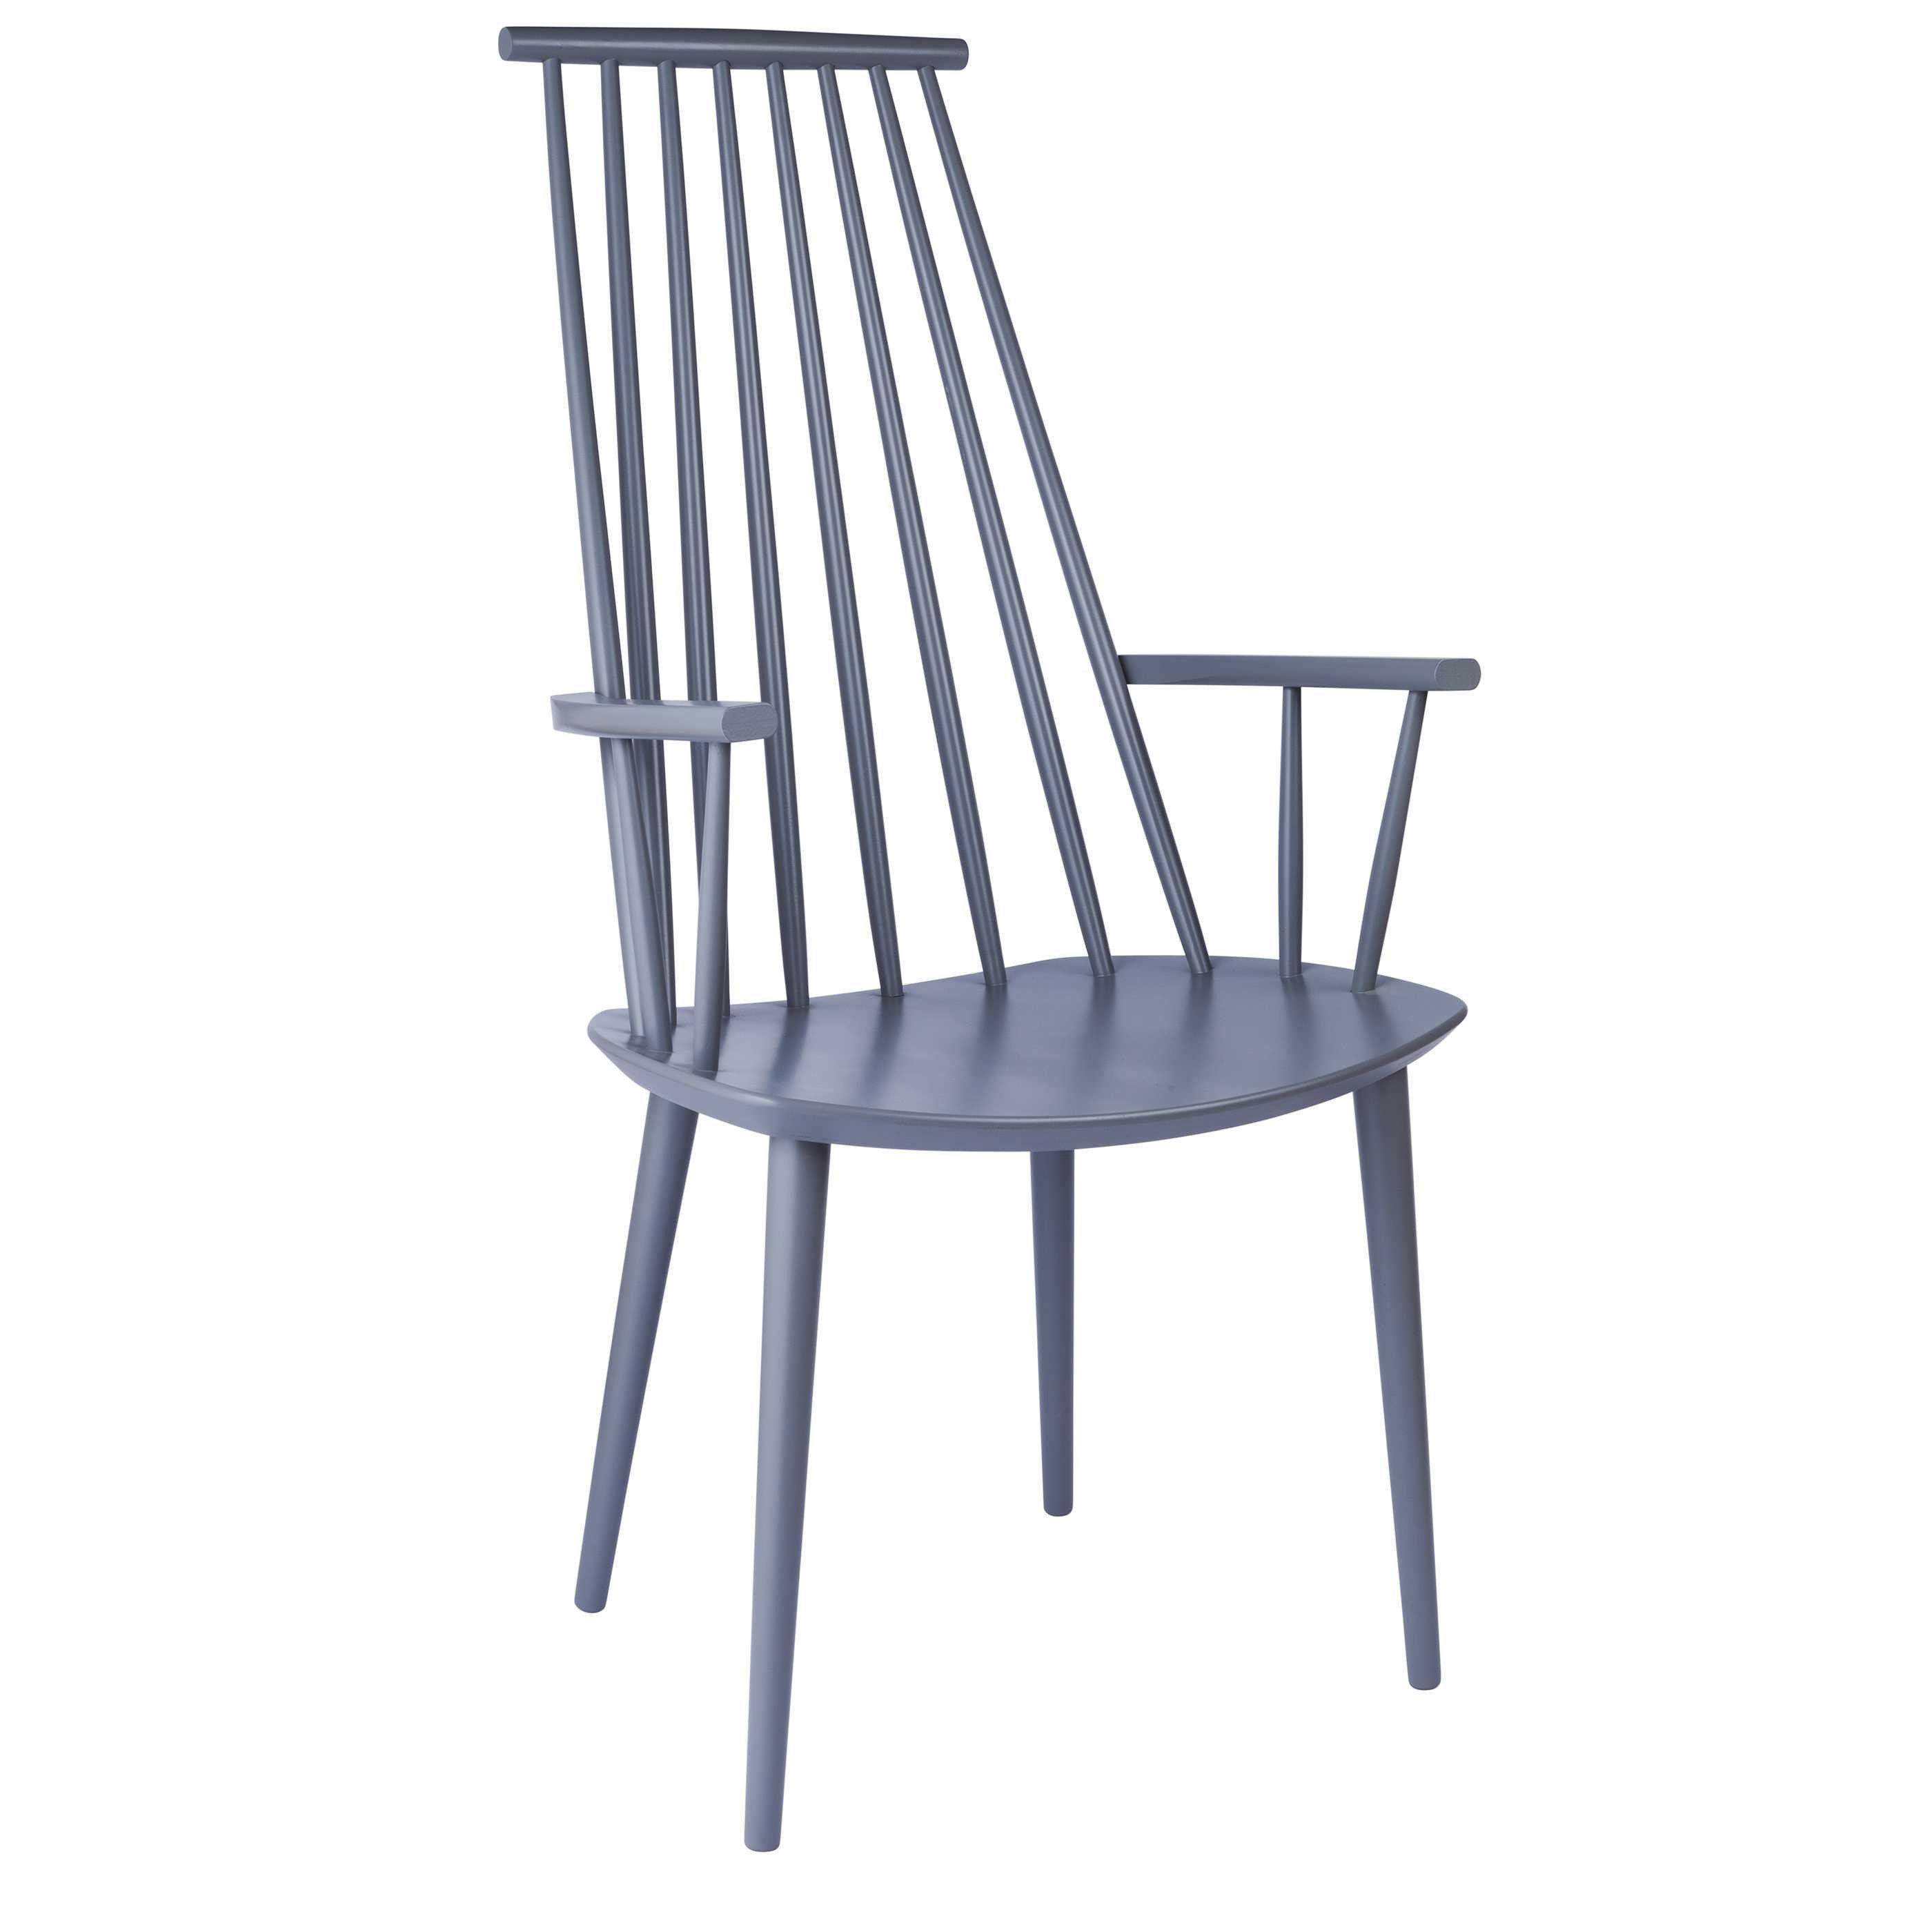 Hay J110 stoel | FLINDERS